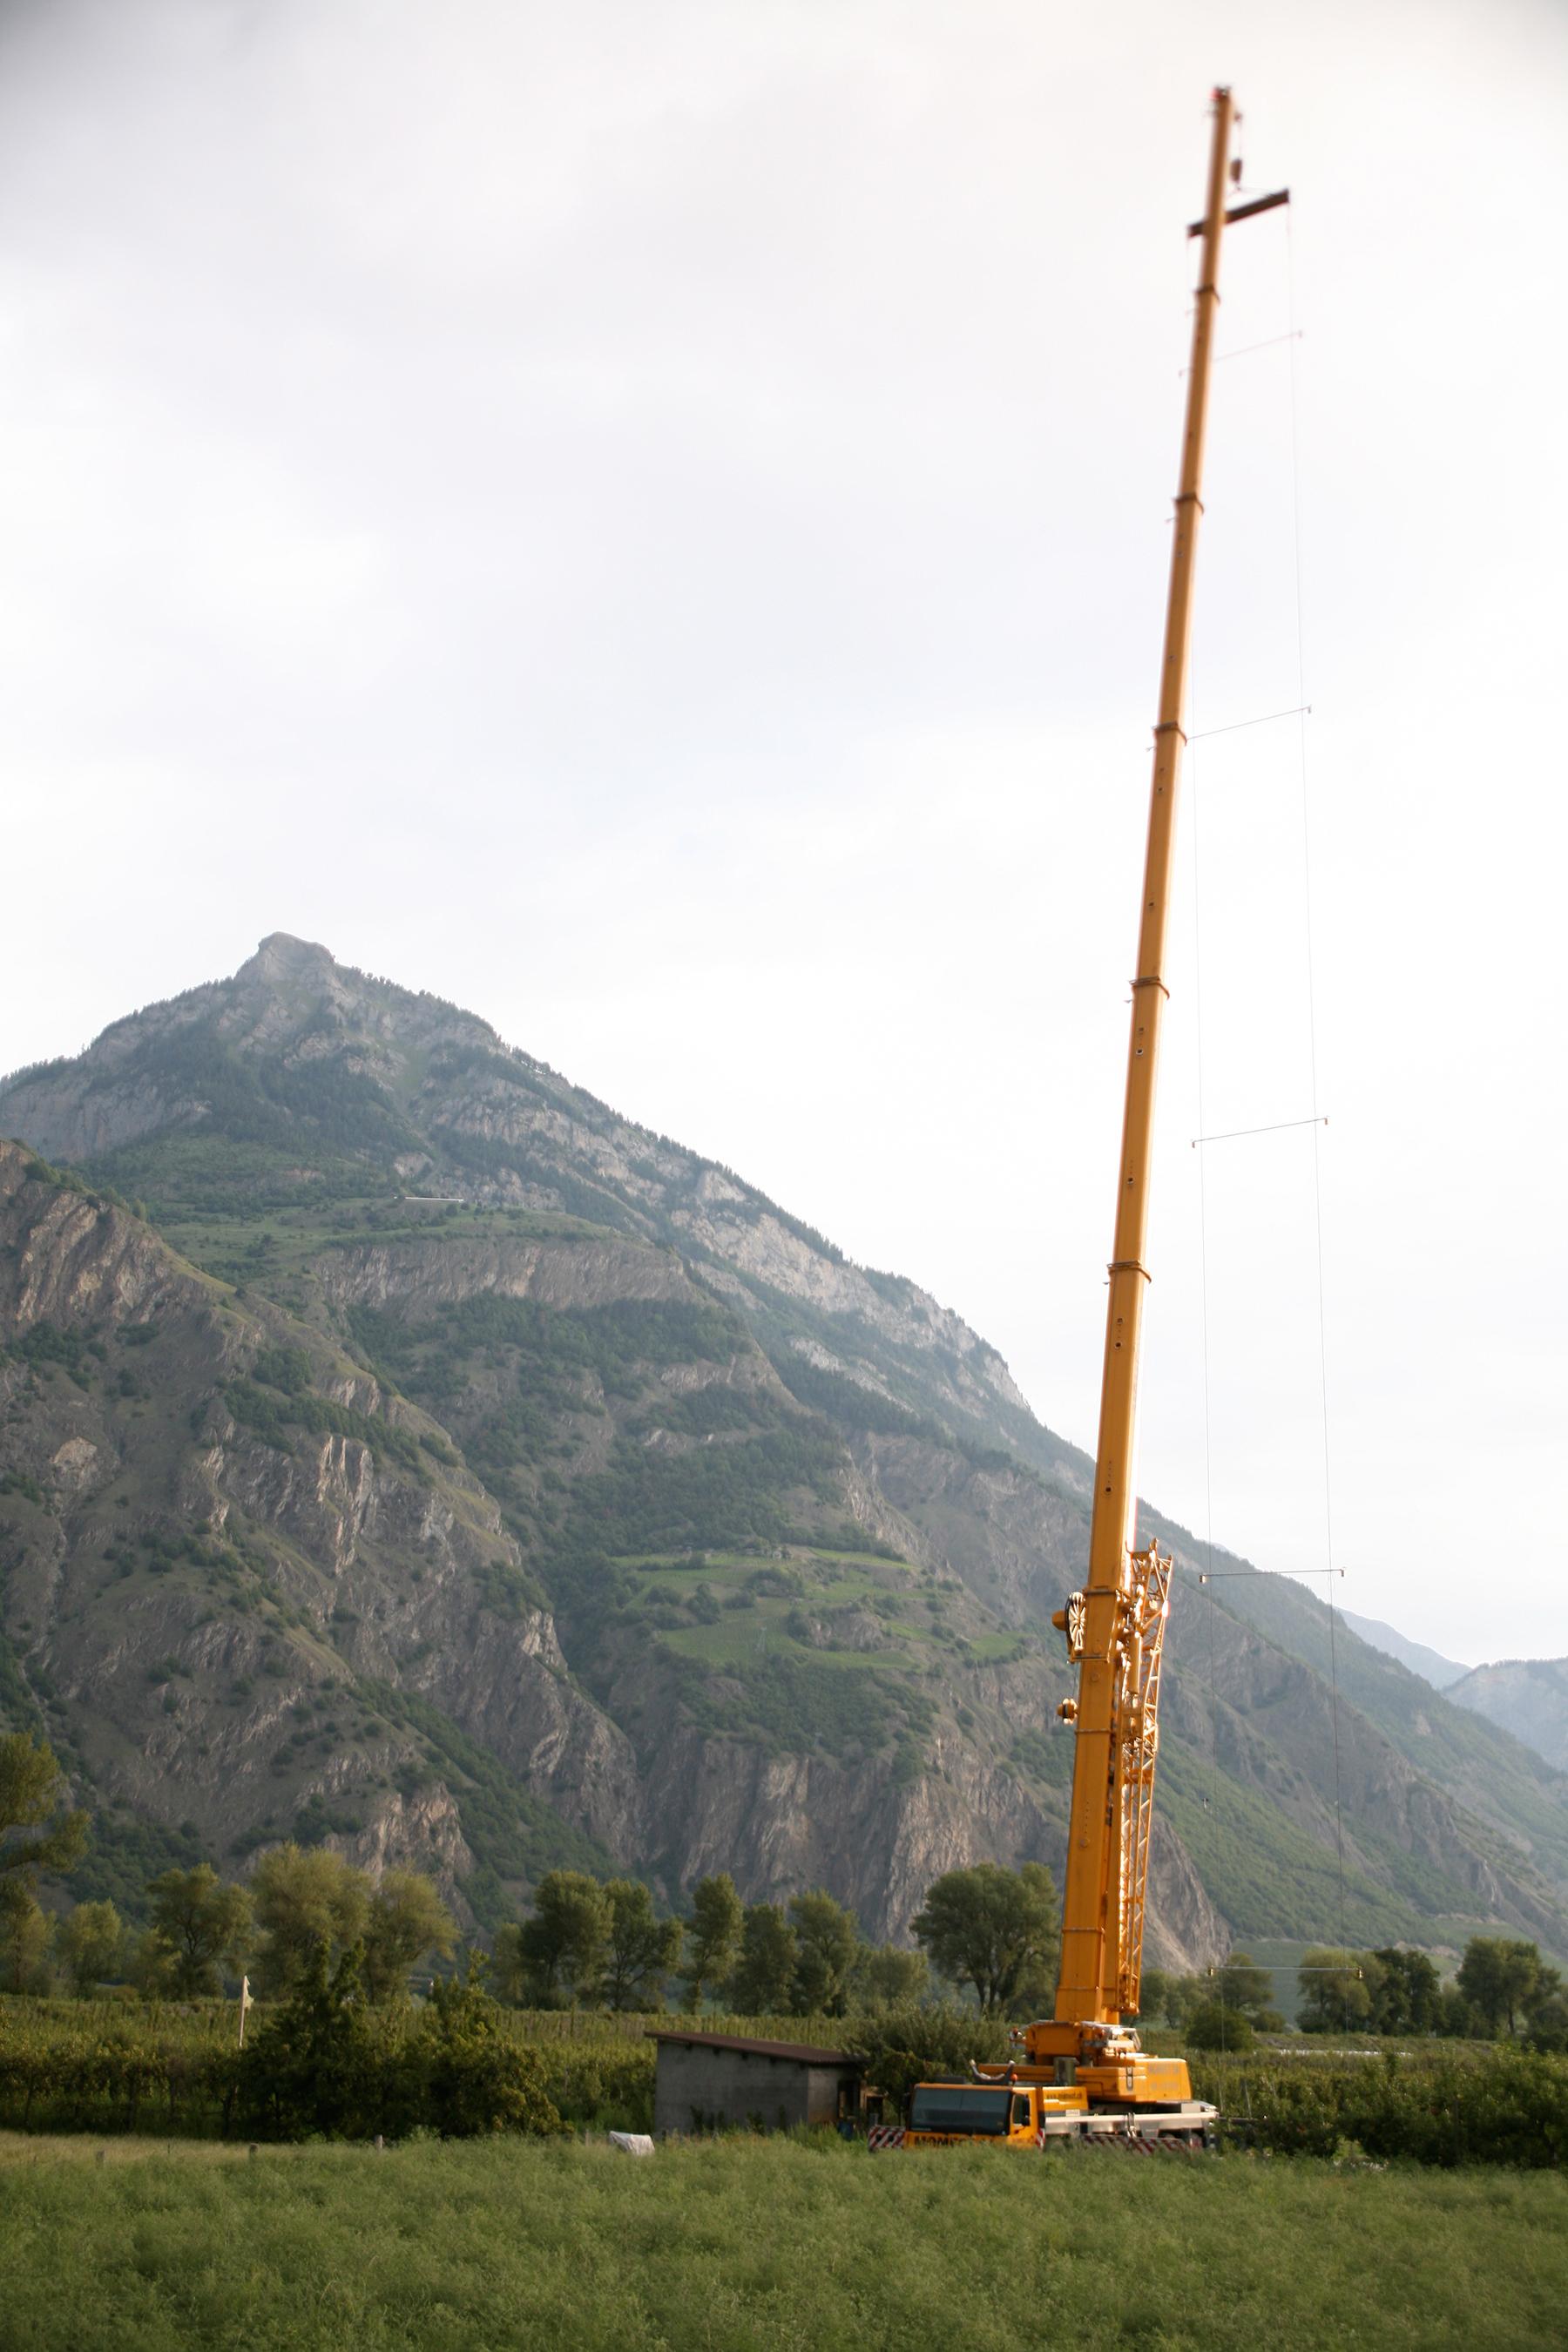 Die Ultraschalldetektoren wurden mithilfe eines Teleskopkrans entlang von zwei senkrecht zu Boden gespannten Kabeln, bis auf eine Höhe von 65 m, befestigt. Auf diese Weise war es möglich, die artspezifischen Flugaktivitätsprofile der Fledermäuse zu rekonstruieren. © Raphaël Arlettaz, IEE, Universität Bern